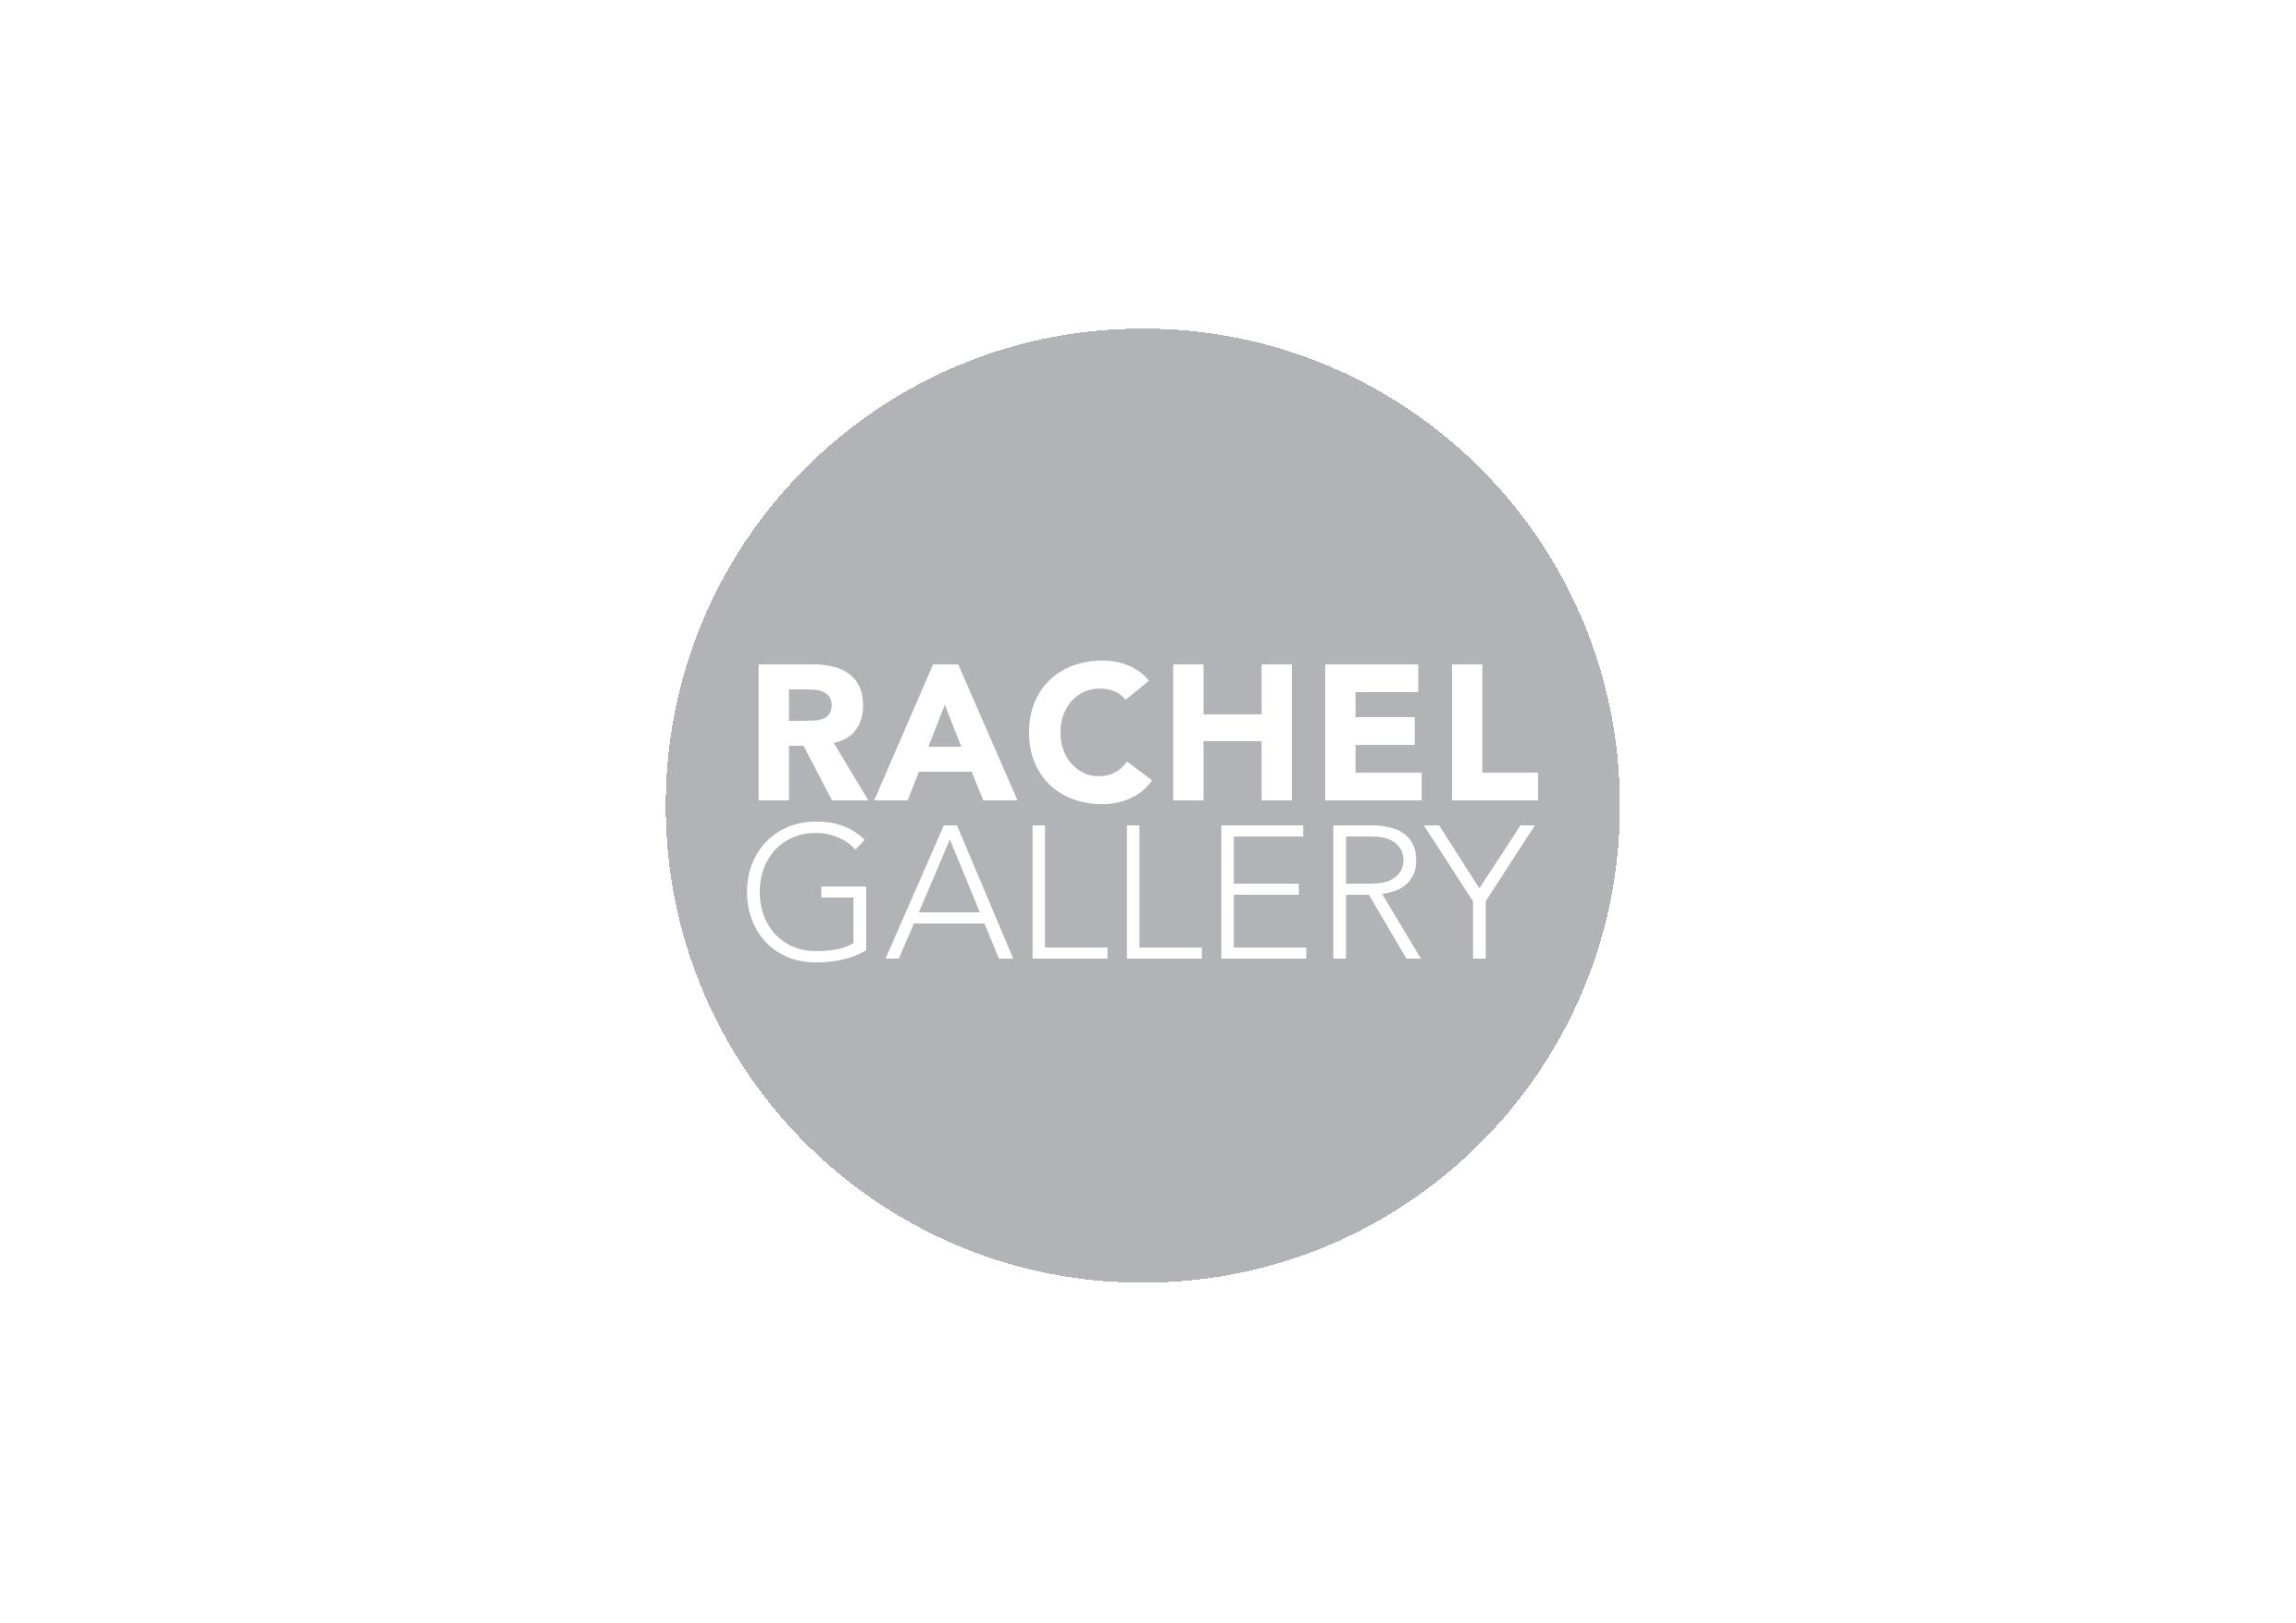 Rachel Gallery